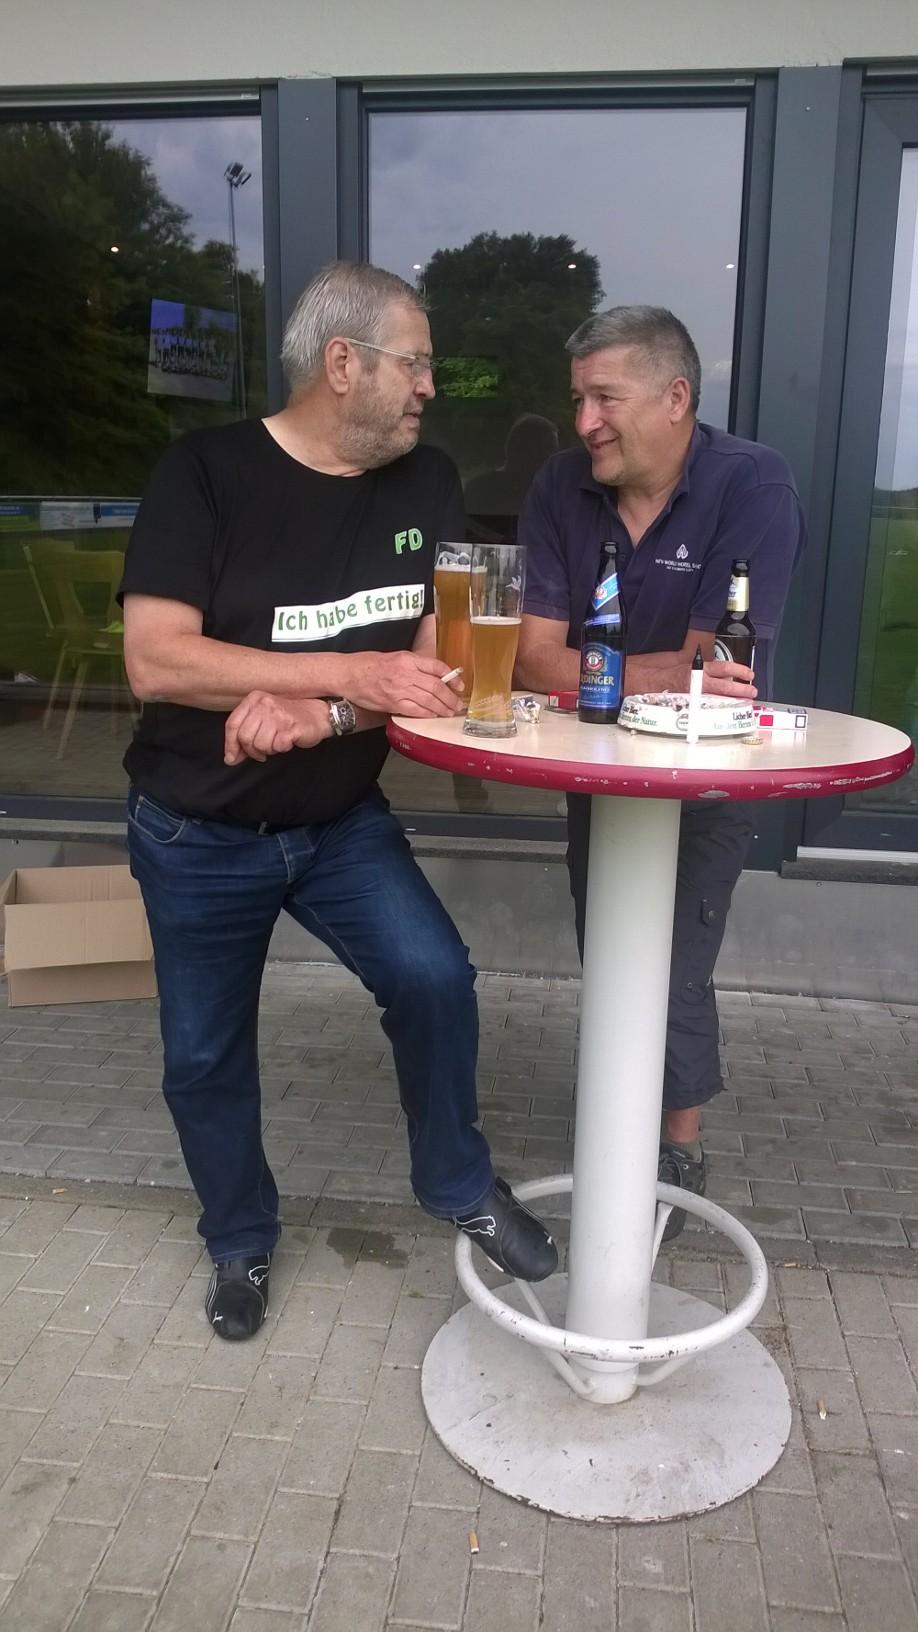 Horst und Frieder - vor über 10 Jahren wurde zusammen mit Dieter G. in einem konspirativen Treff der Fußball der Spvgg. wieder belebt